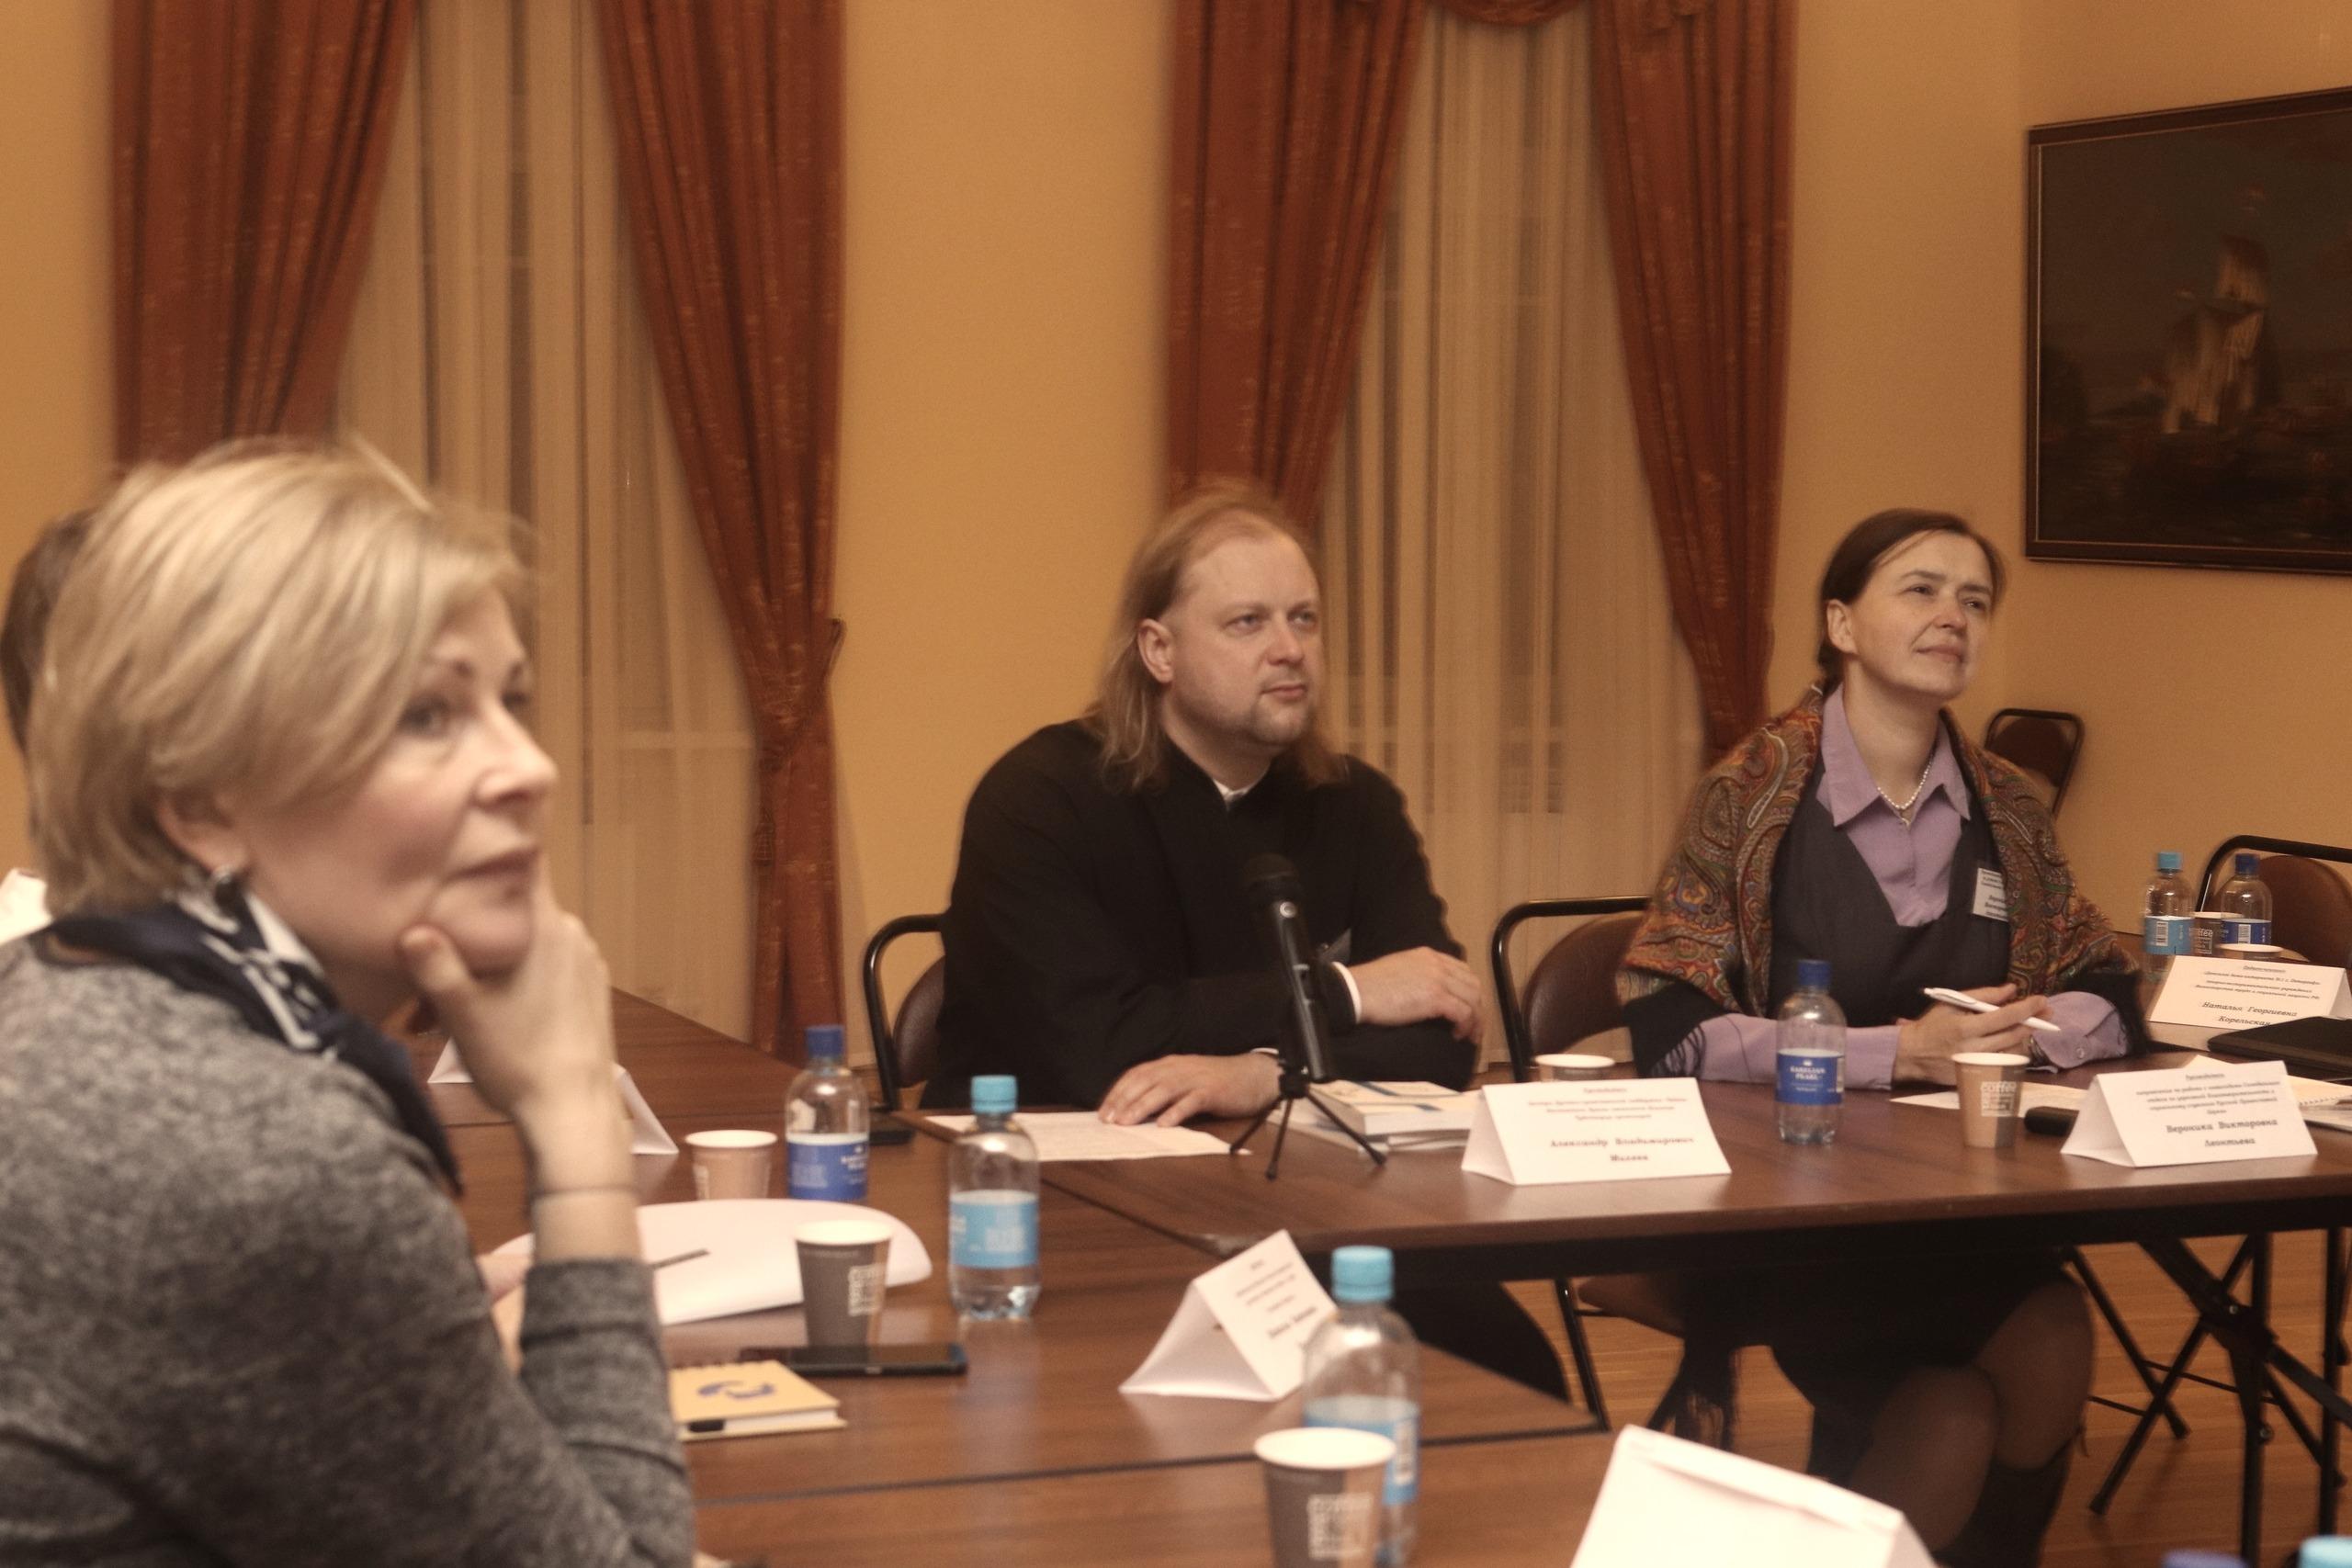 Конференция проходит в рамках проекта «Новая жизнь»